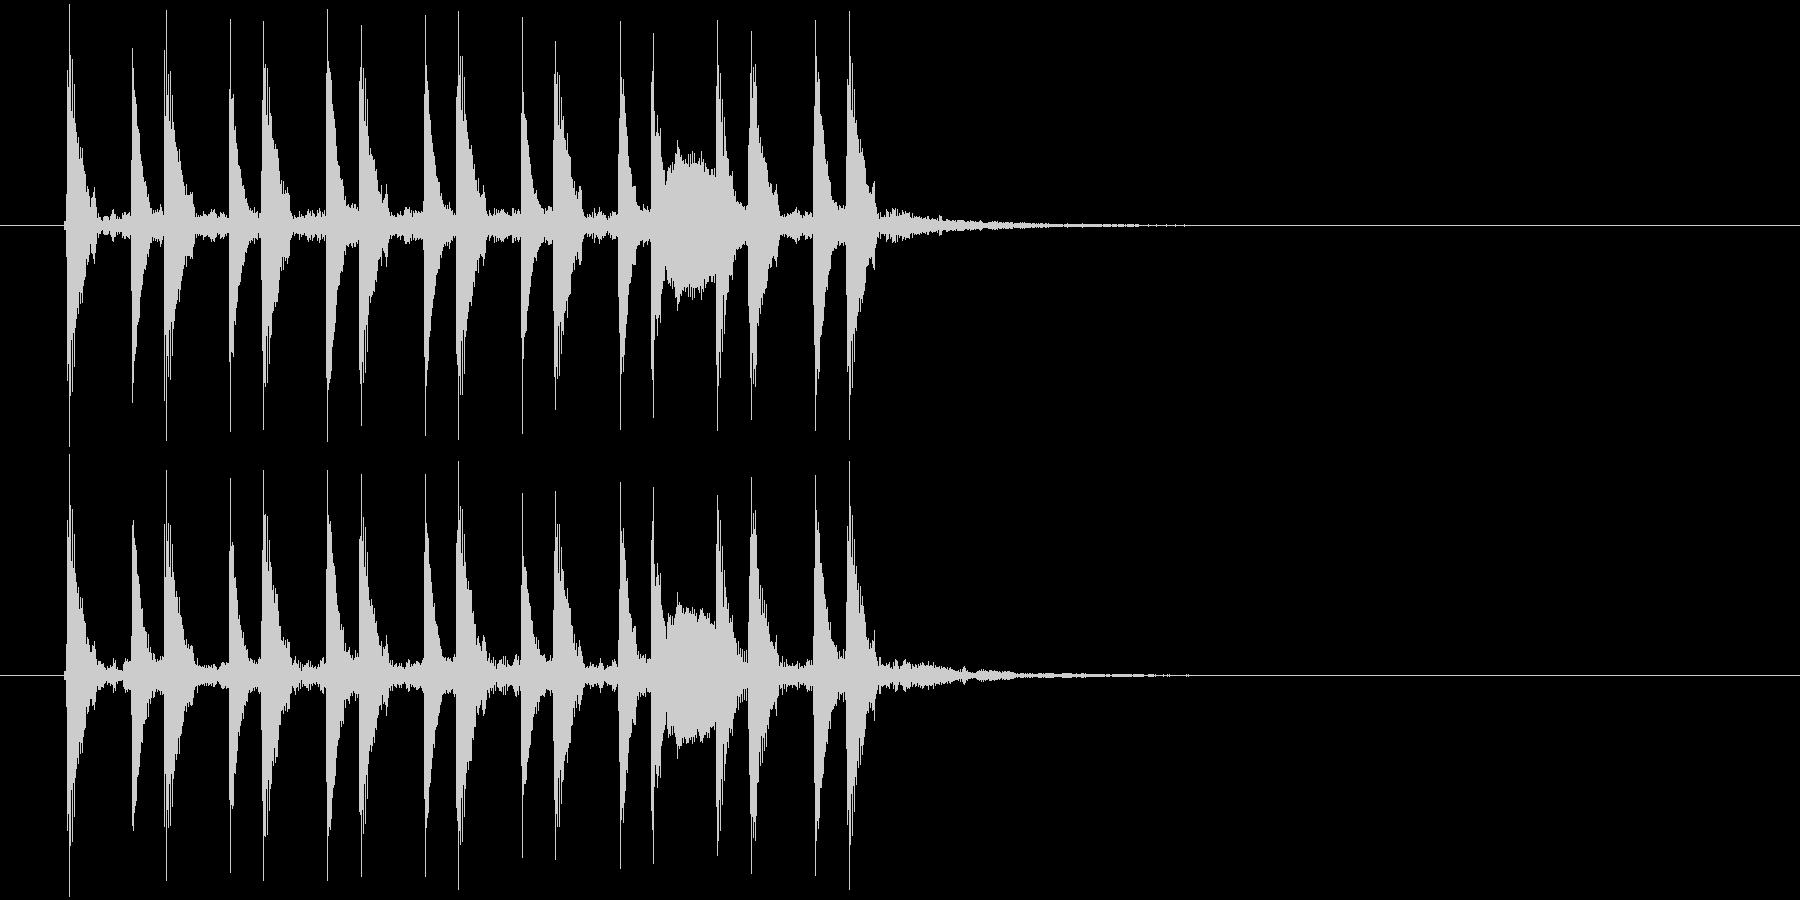 テクノ風のジングル曲、サウンドロゴの未再生の波形